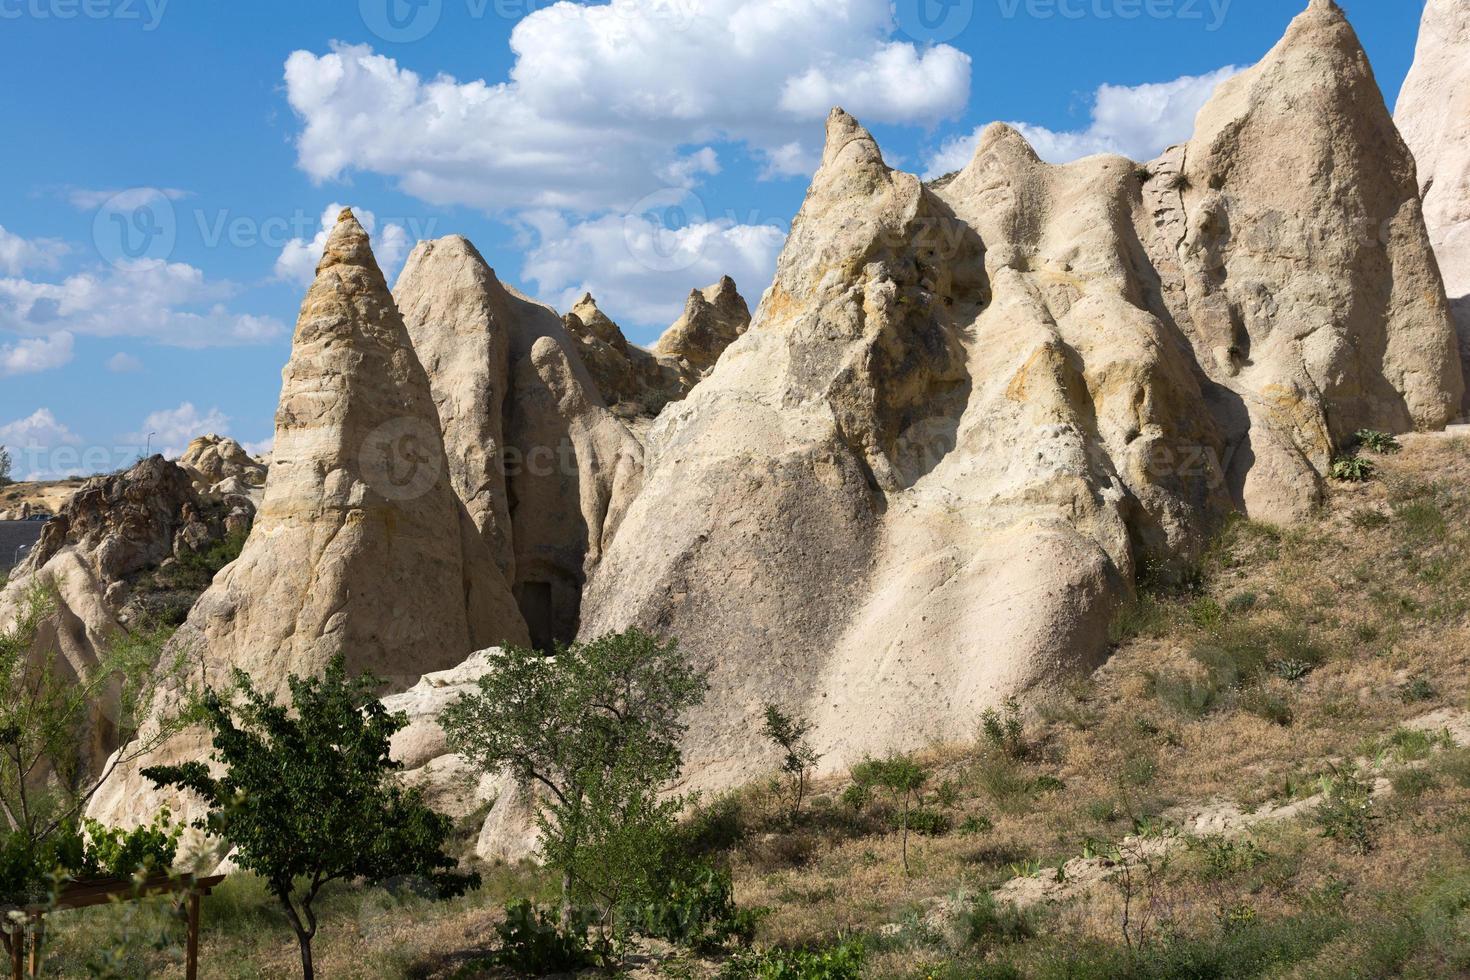 formazioni rocciose nel parco nazionale di goreme. foto